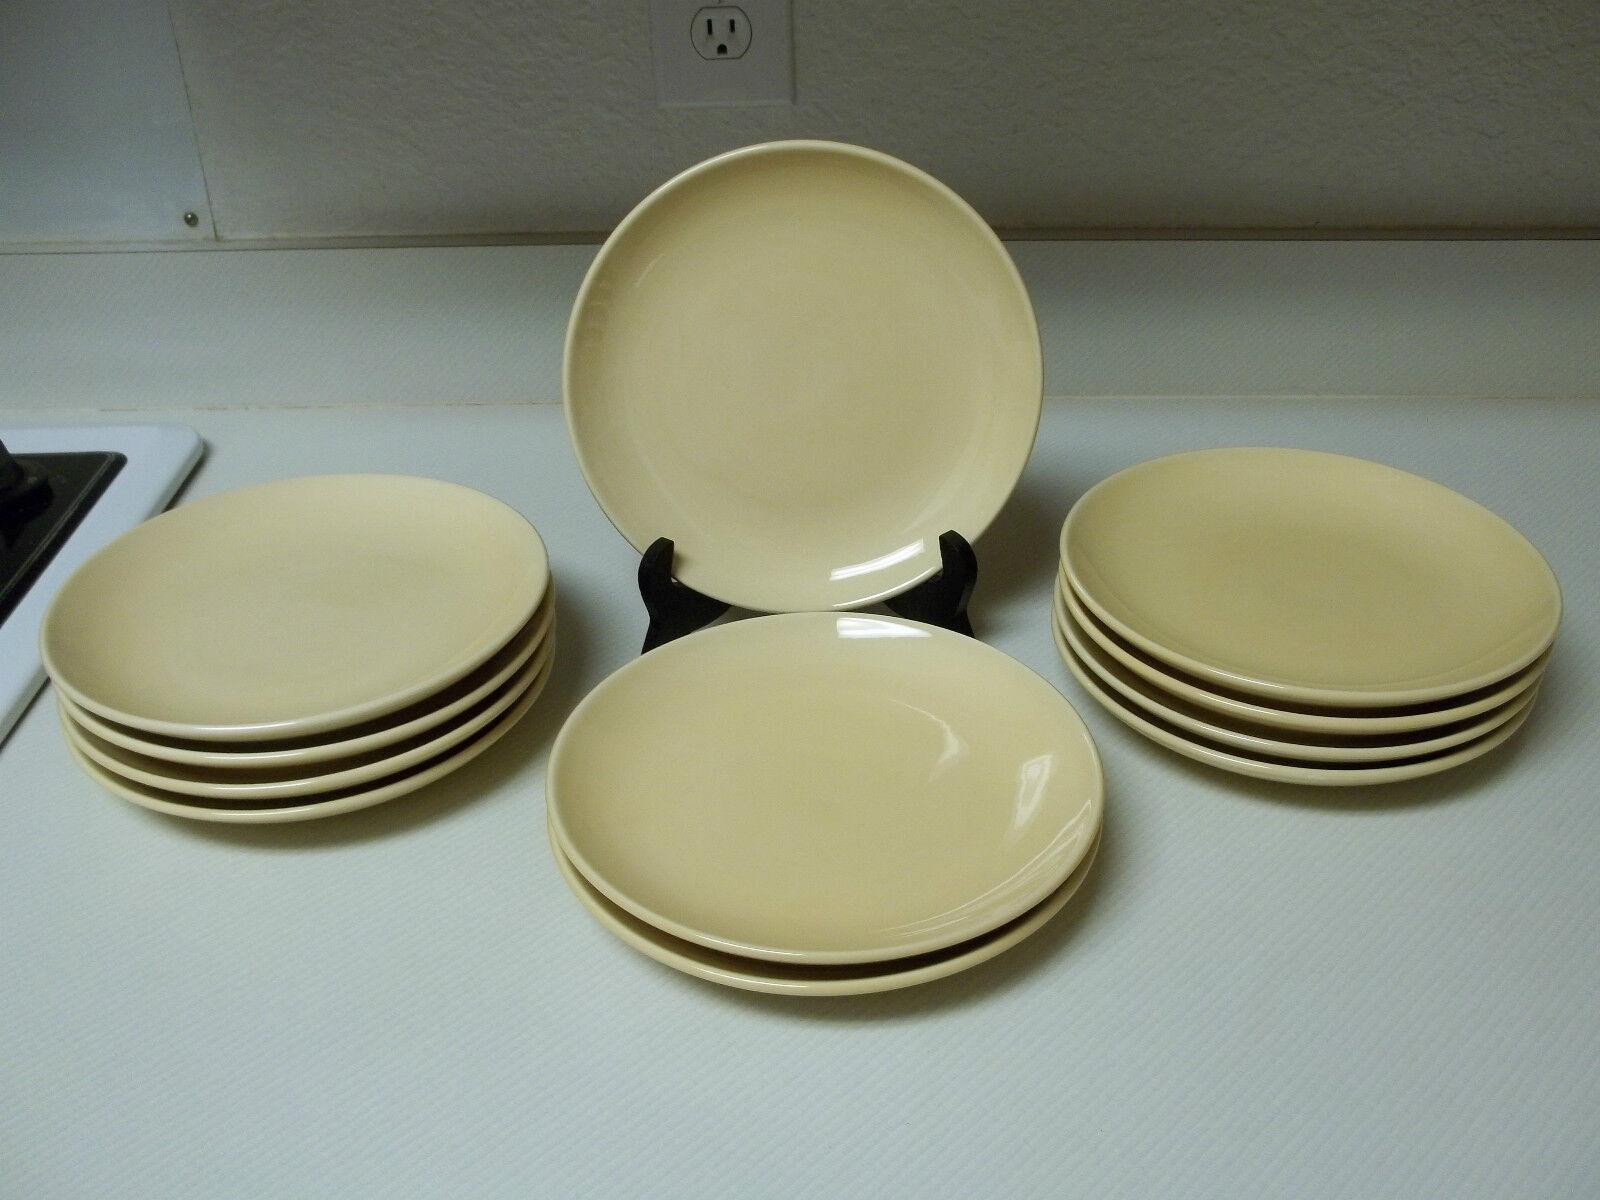 Pottery Barn Sausalito  Set de 11 assiettes à salade jaune en grès 8 in (environ 20.32 cm)